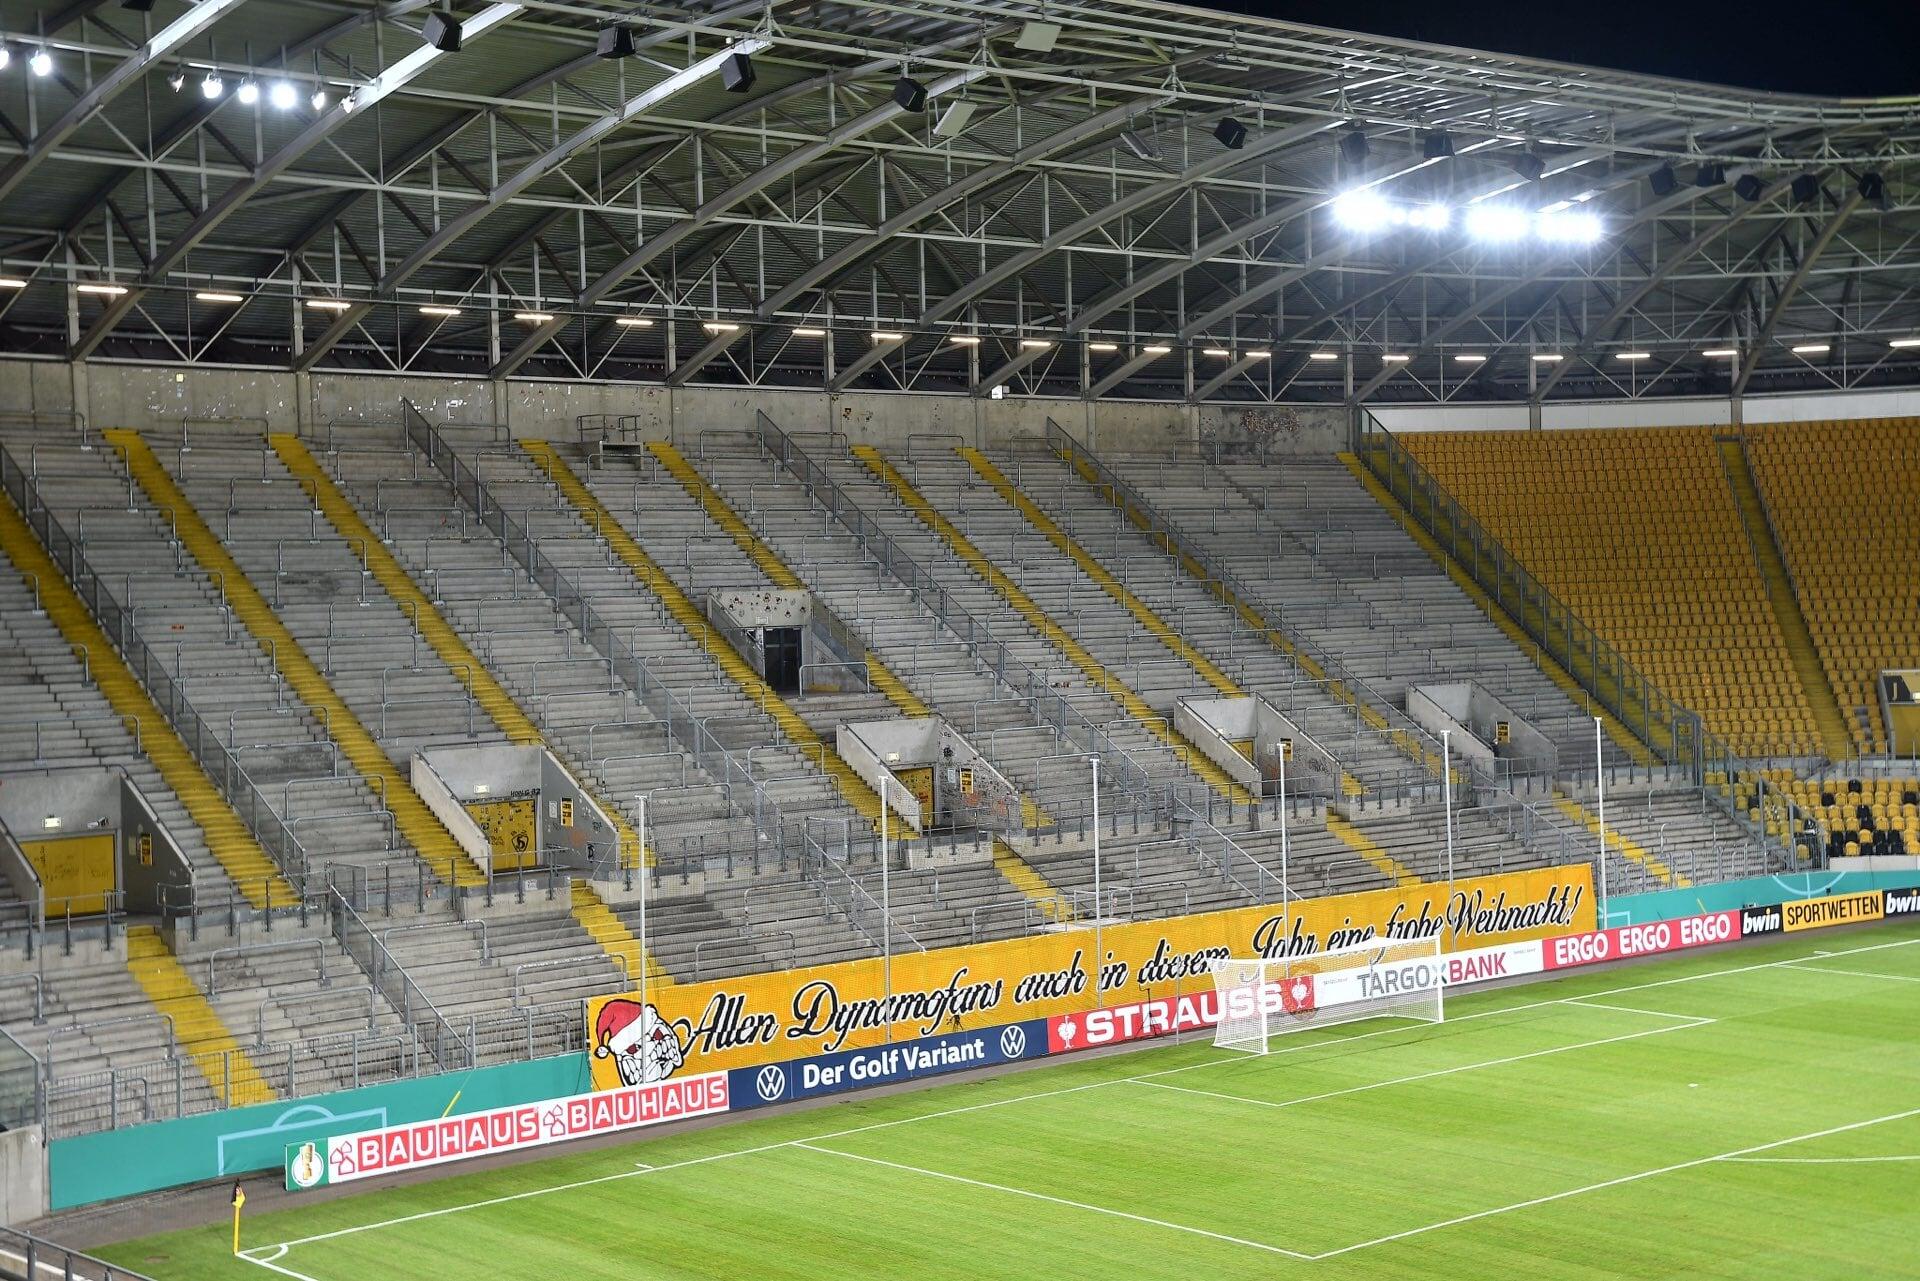 Красивая акция дрезденского «Динамо»: продали 72 тысячи билетов-призраков (в два раза больше вместимости стадиона)